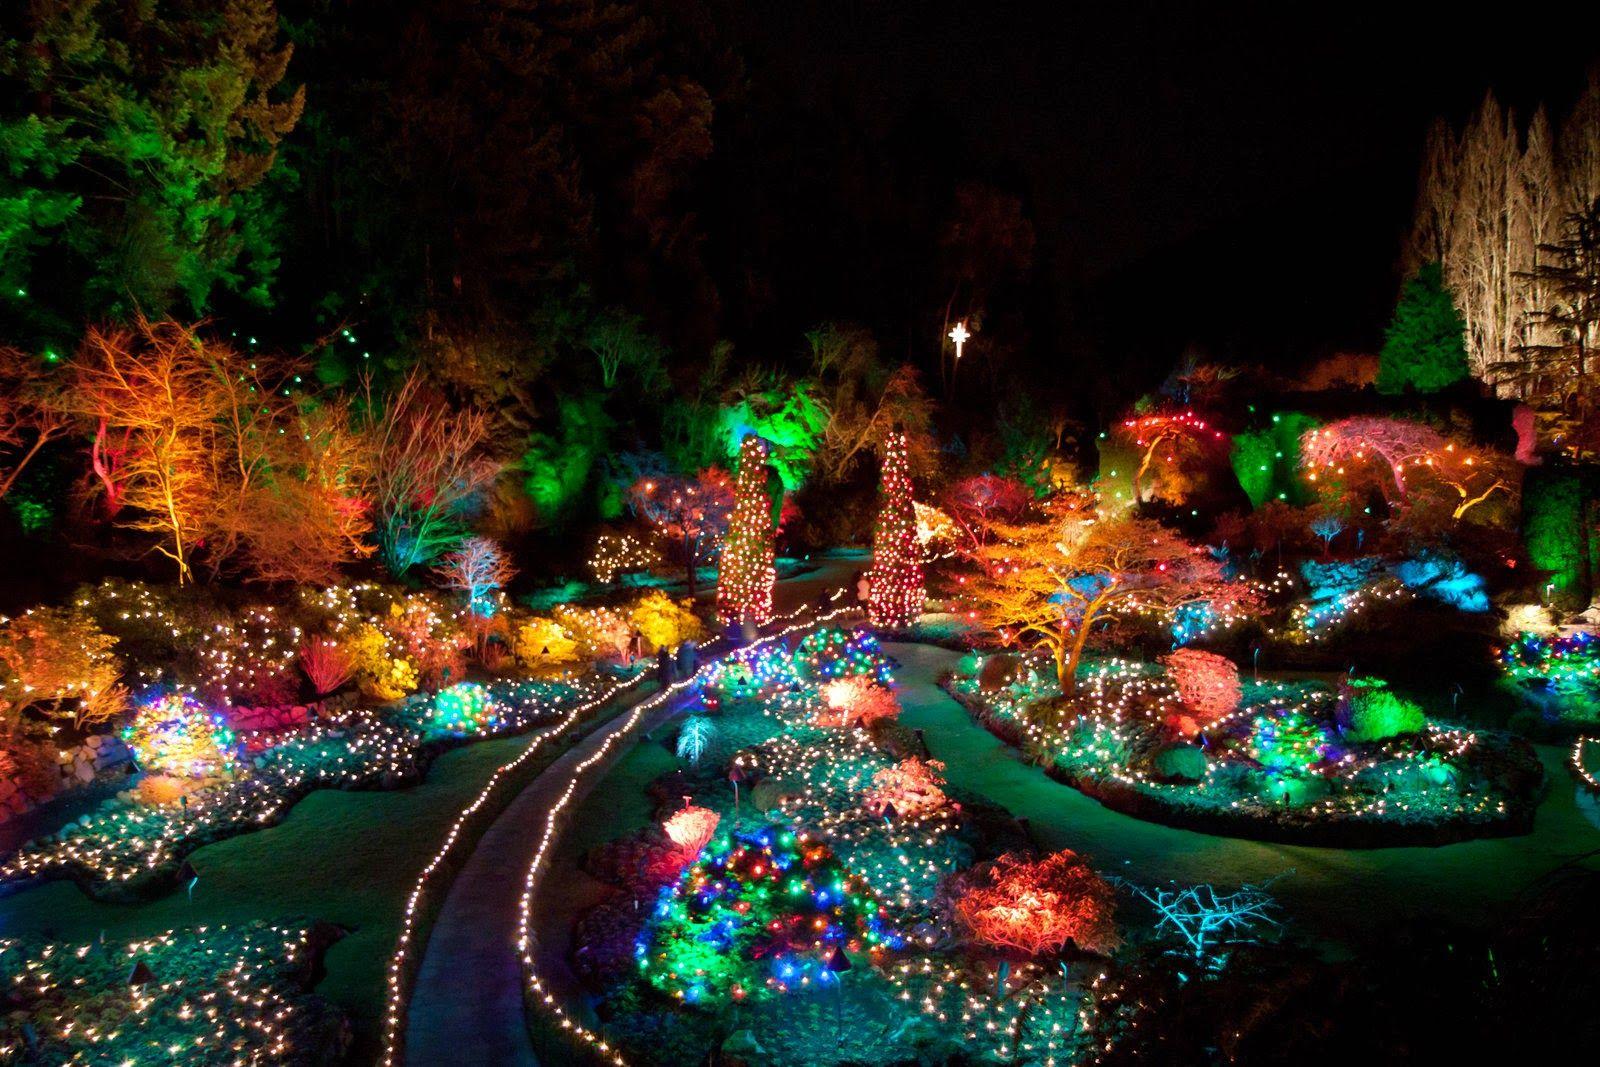 00620b98fd092cf01e4c1af0515e3c50 - The Butchart Gardens Christmas Lights Tour